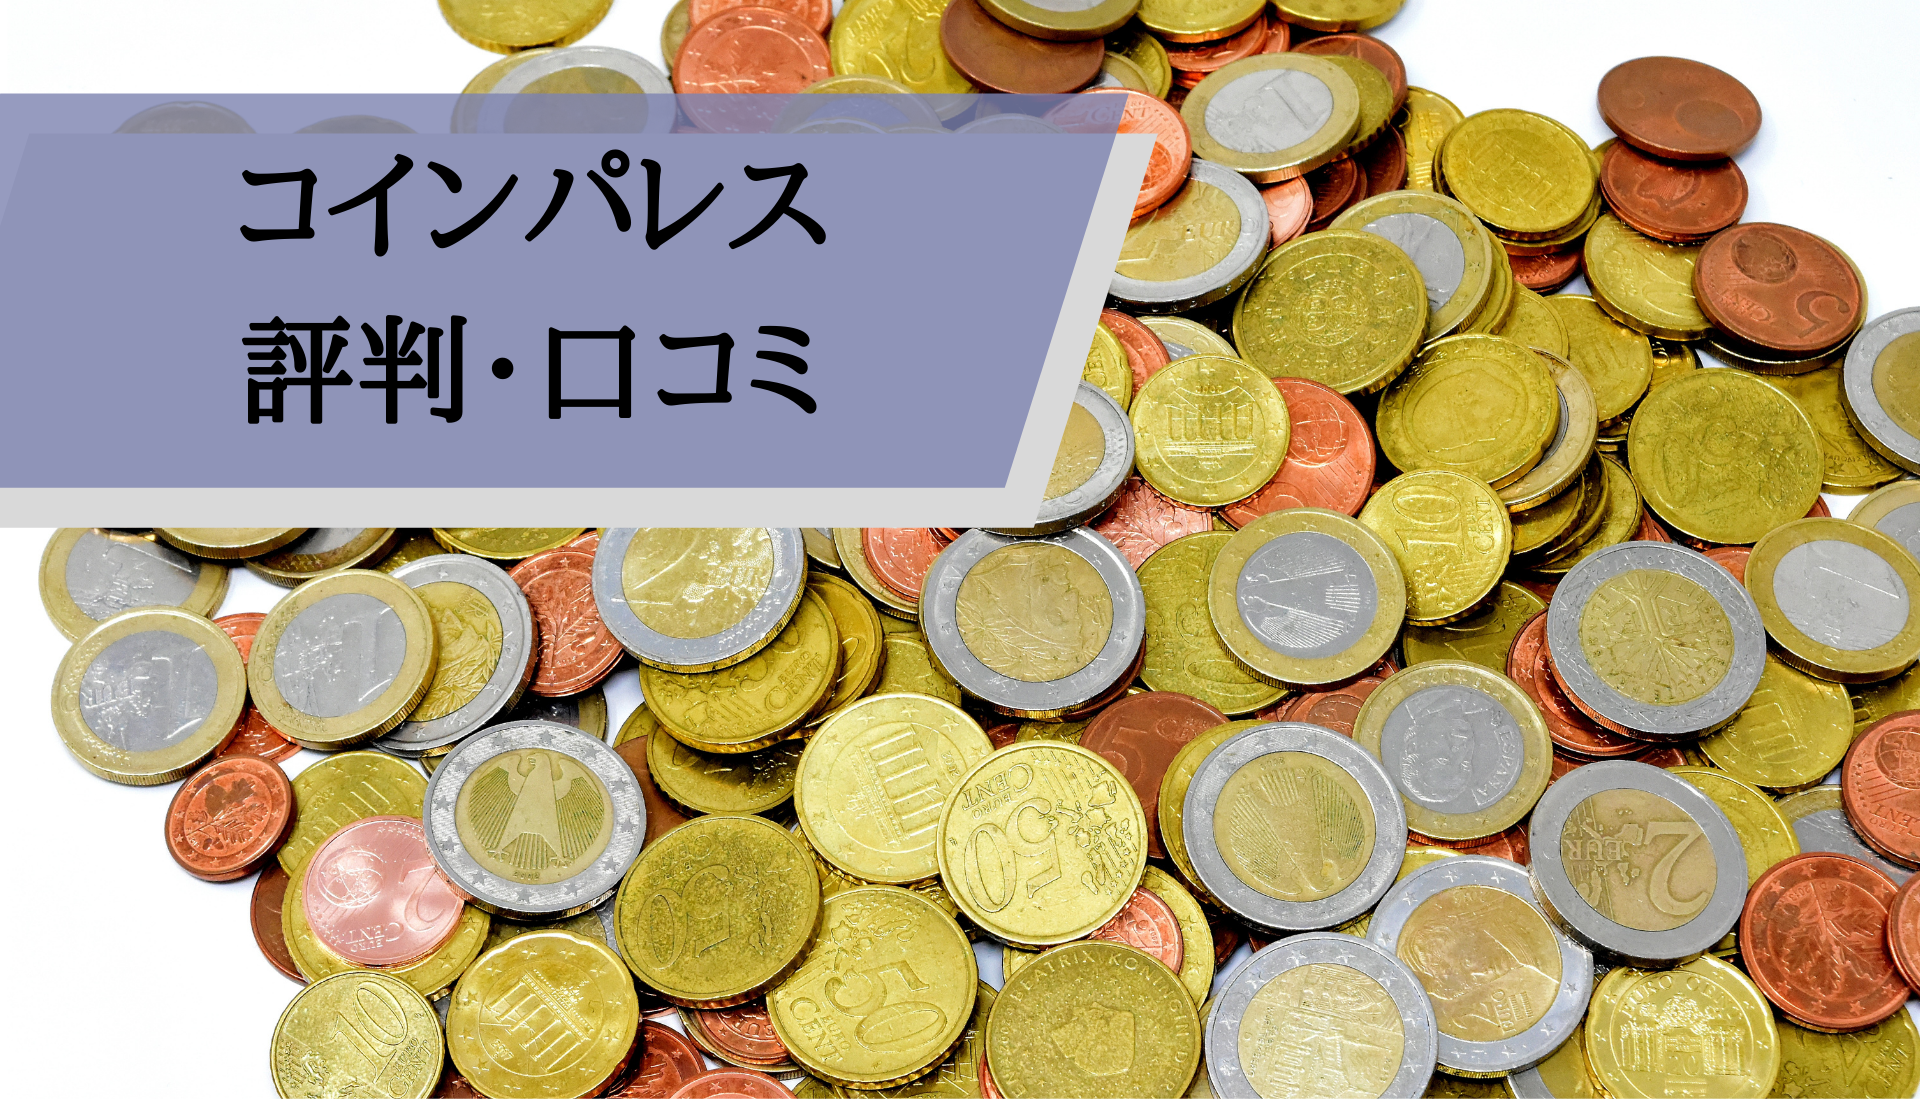 コインパレス評判_評判口コミ